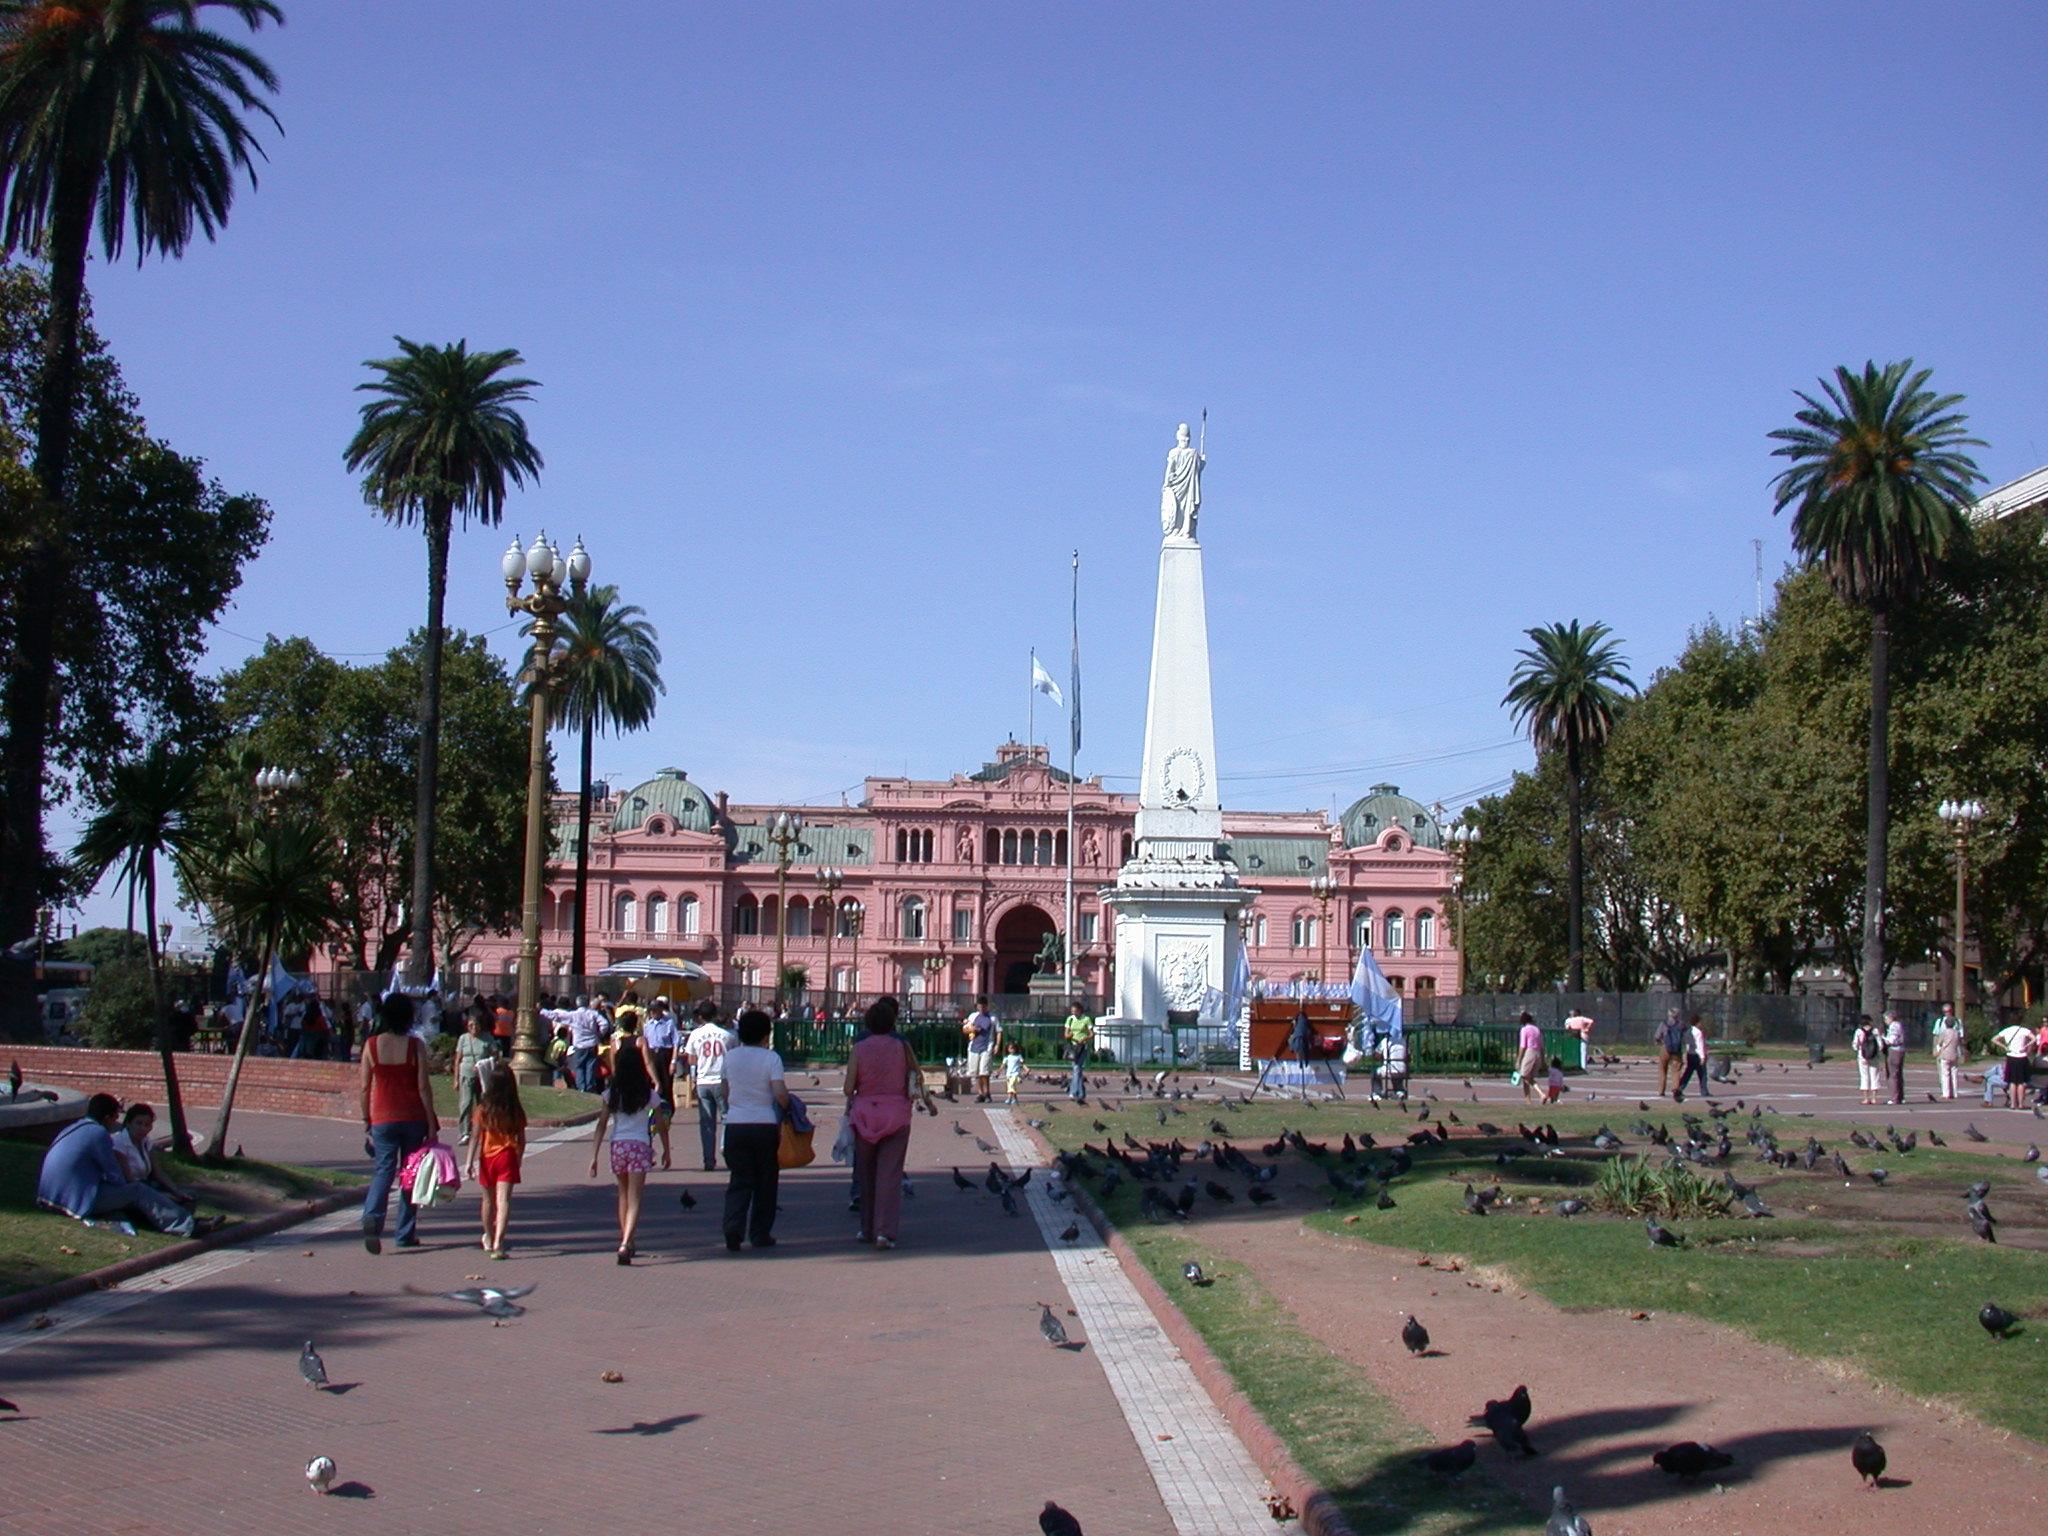 Plaza de Mayo, Buenos Aires, Argentina